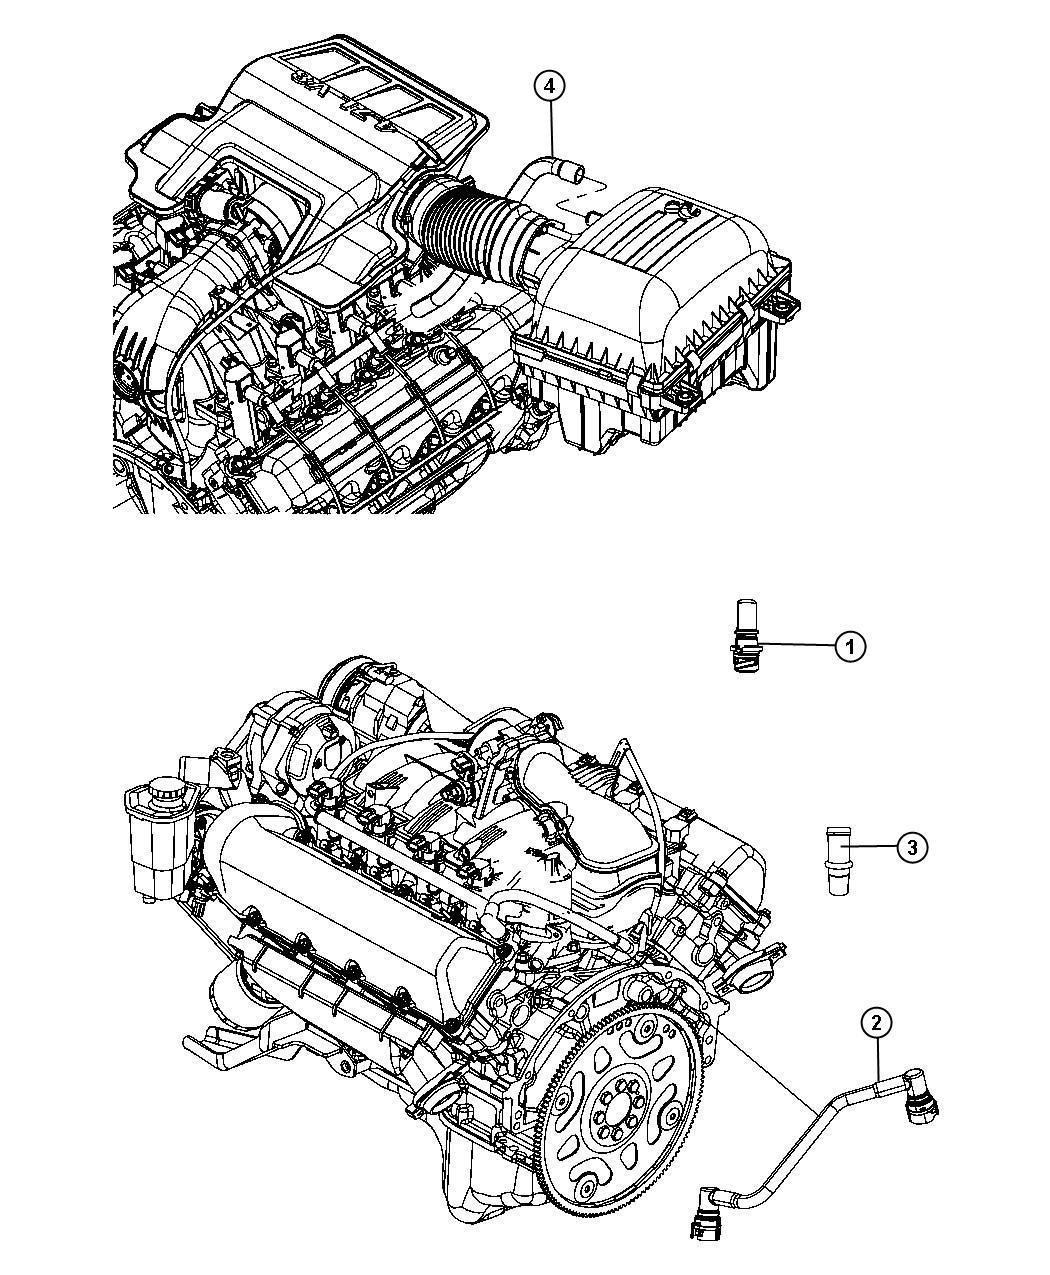 Dodge Durango Valve Pcv Crew Cab Eve Engine System